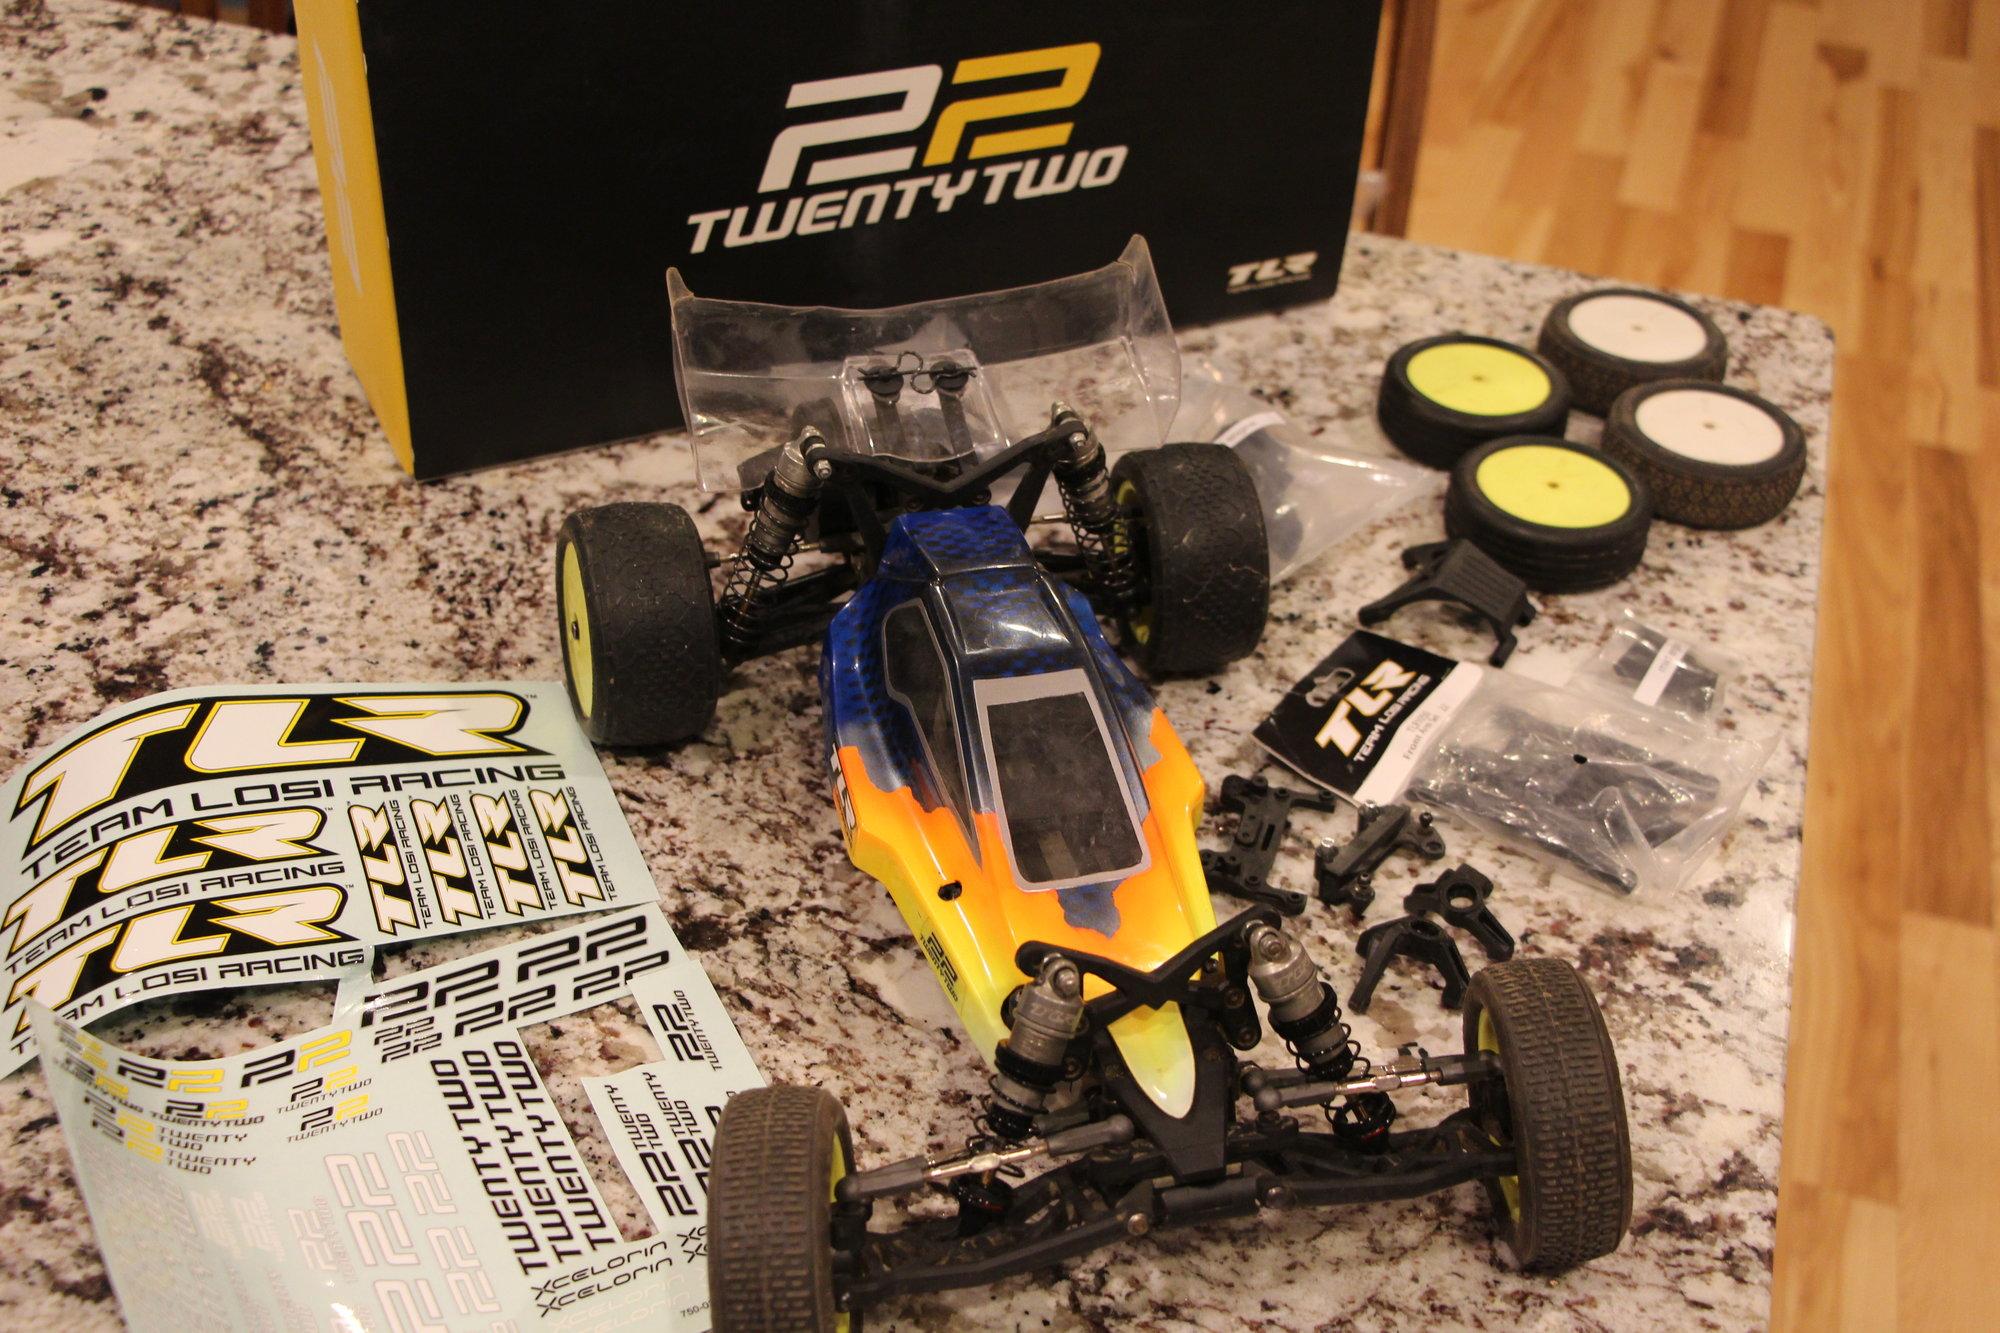 TLR 22 1.0 Roller